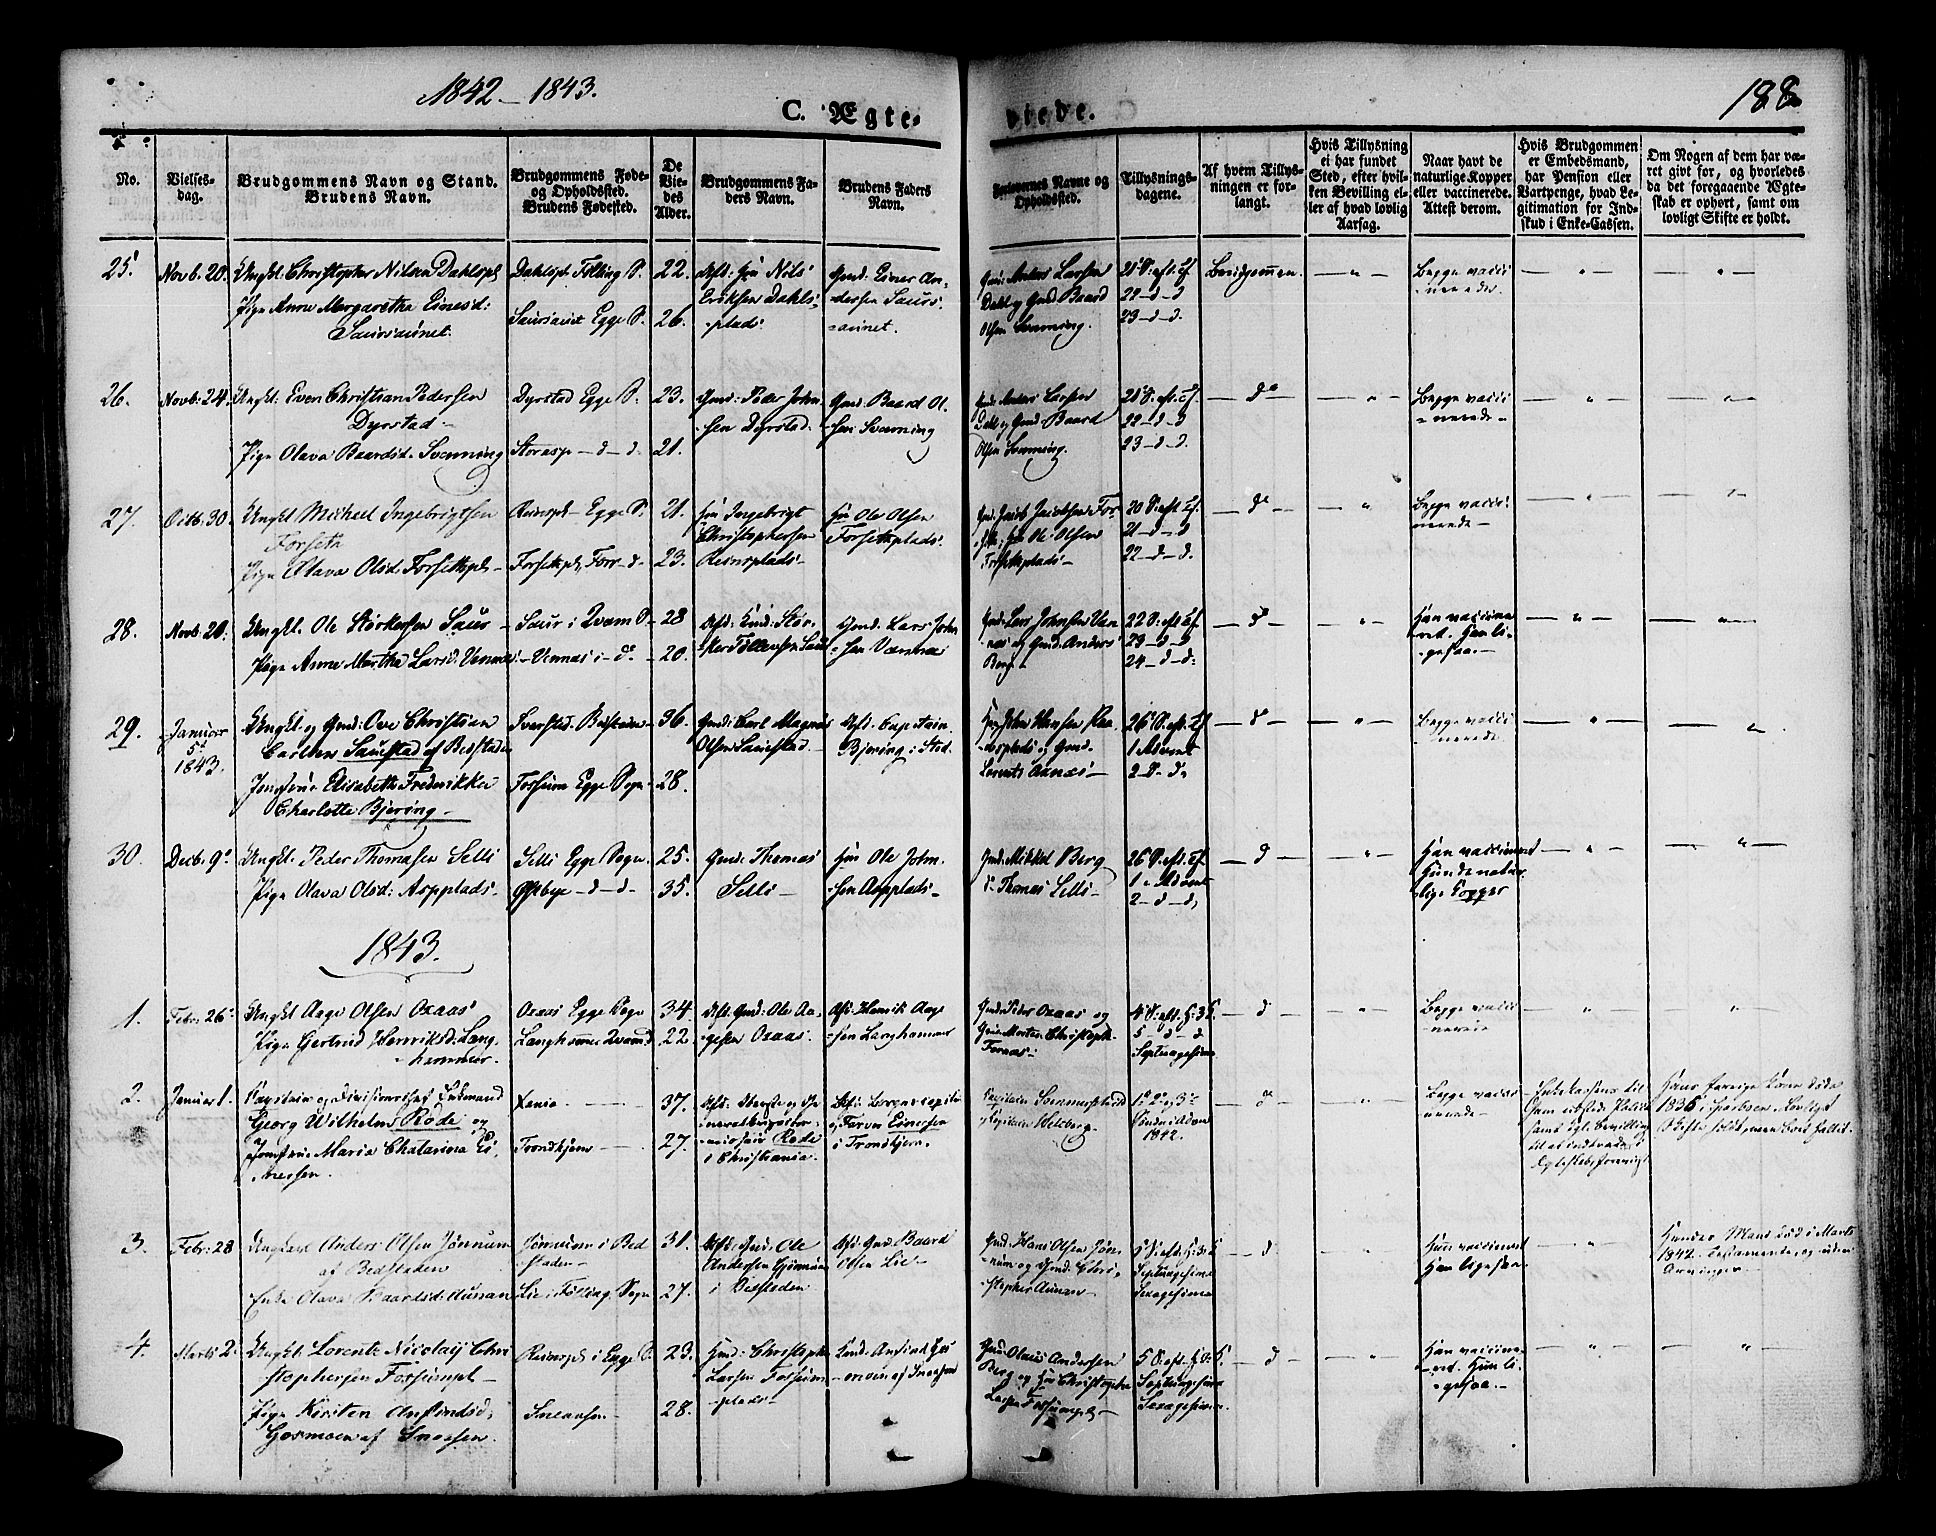 SAT, Ministerialprotokoller, klokkerbøker og fødselsregistre - Nord-Trøndelag, 746/L0445: Ministerialbok nr. 746A04, 1826-1846, s. 188